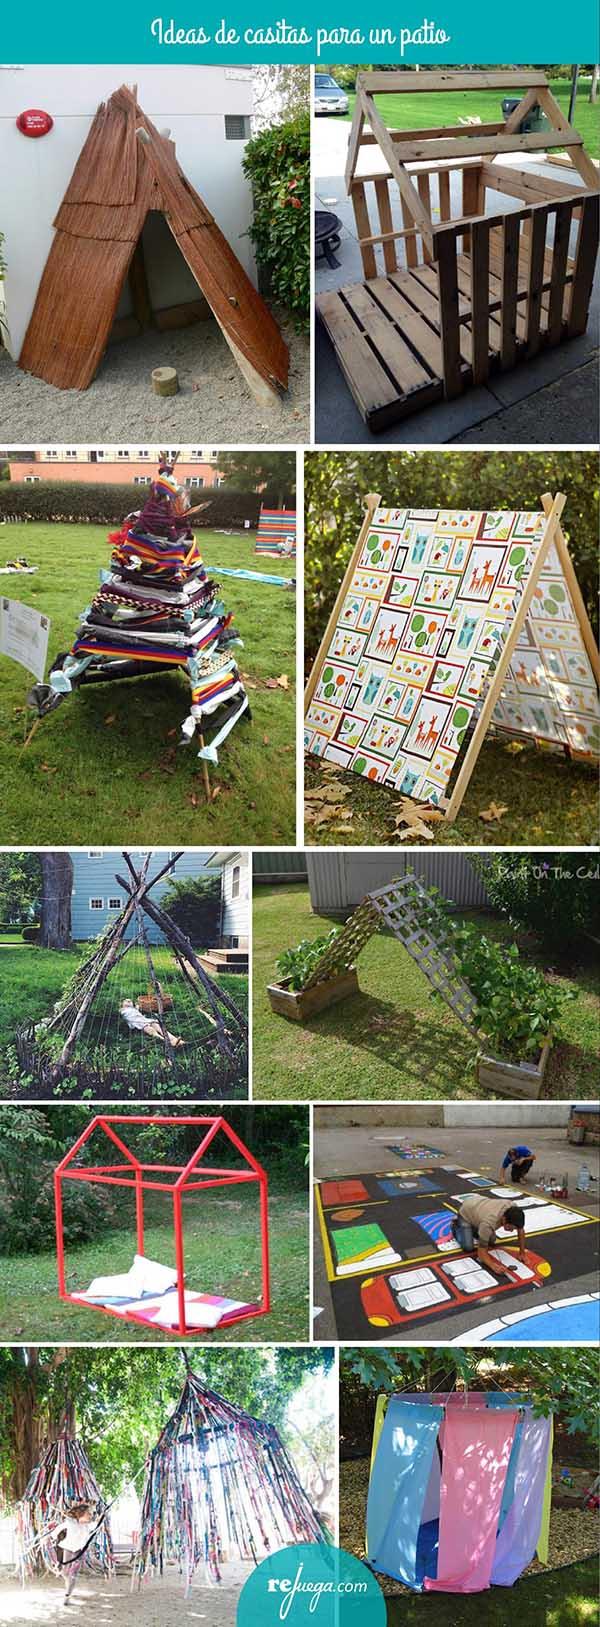 ideas para crear patios de escuelas que